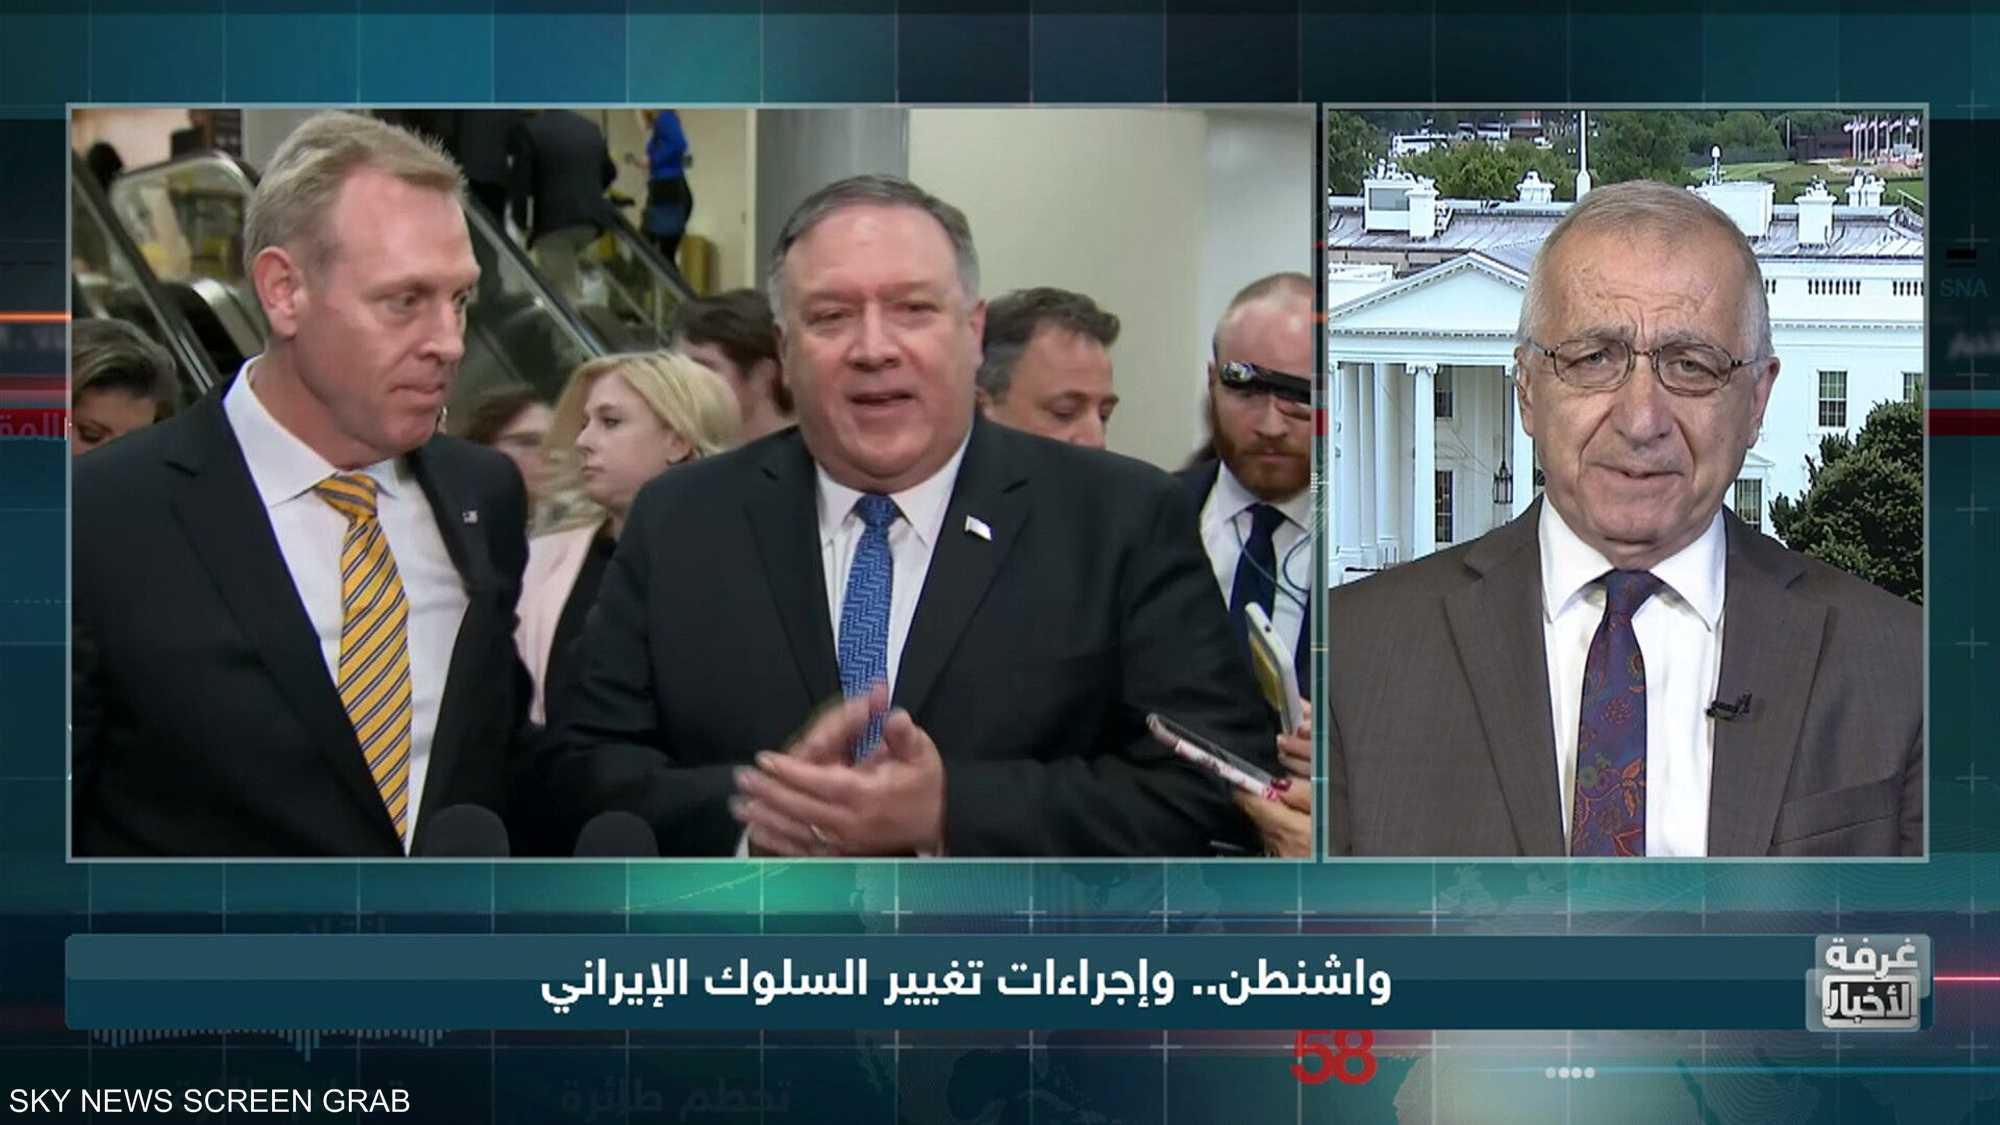 واشنطن.. وإجراءات تغيير السلوك الإيراني